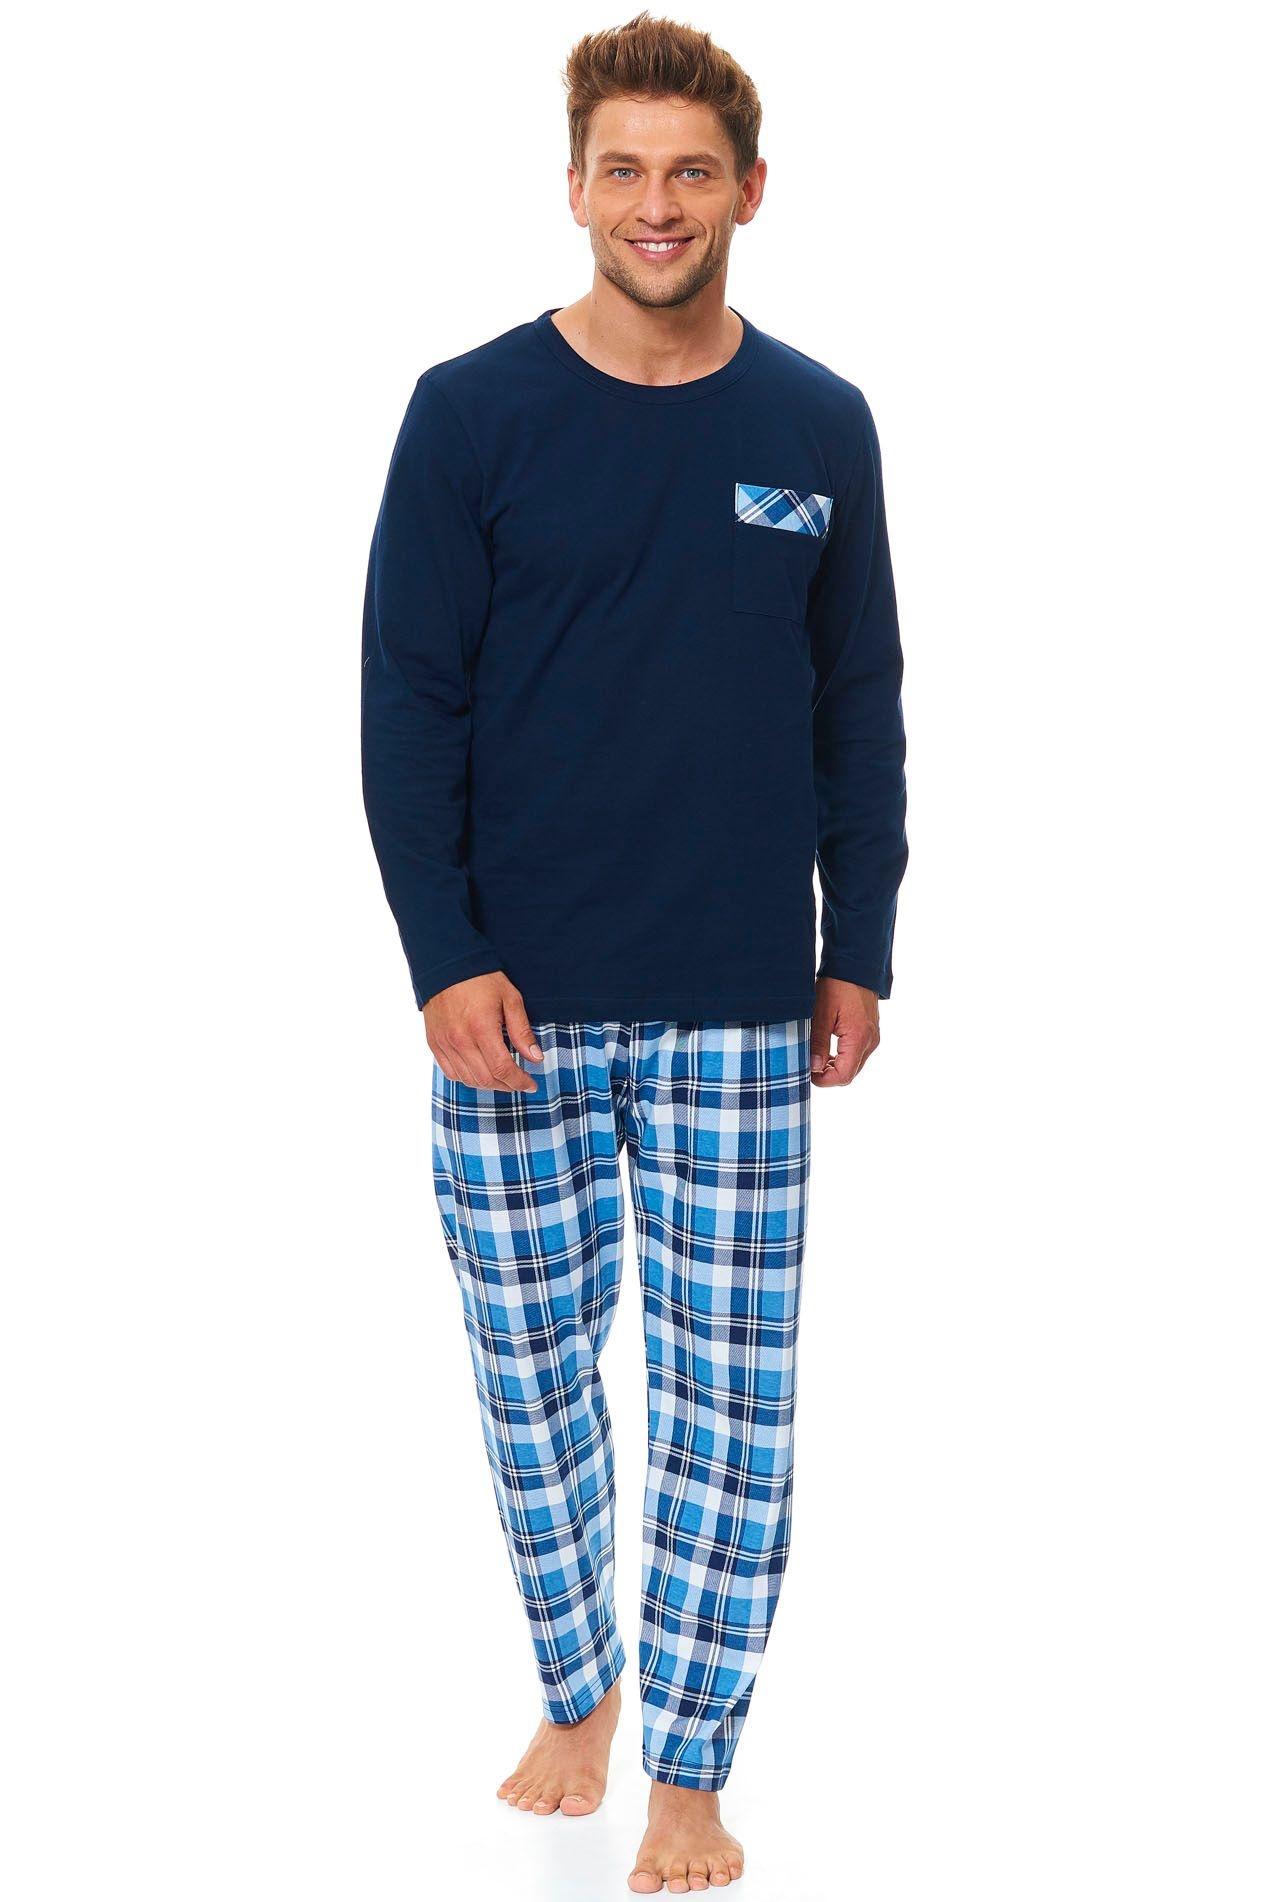 Pánské bavlněné pyžamo Tom tmavě modré dlouhé - ELEGANT.cz 7f7d9dd137